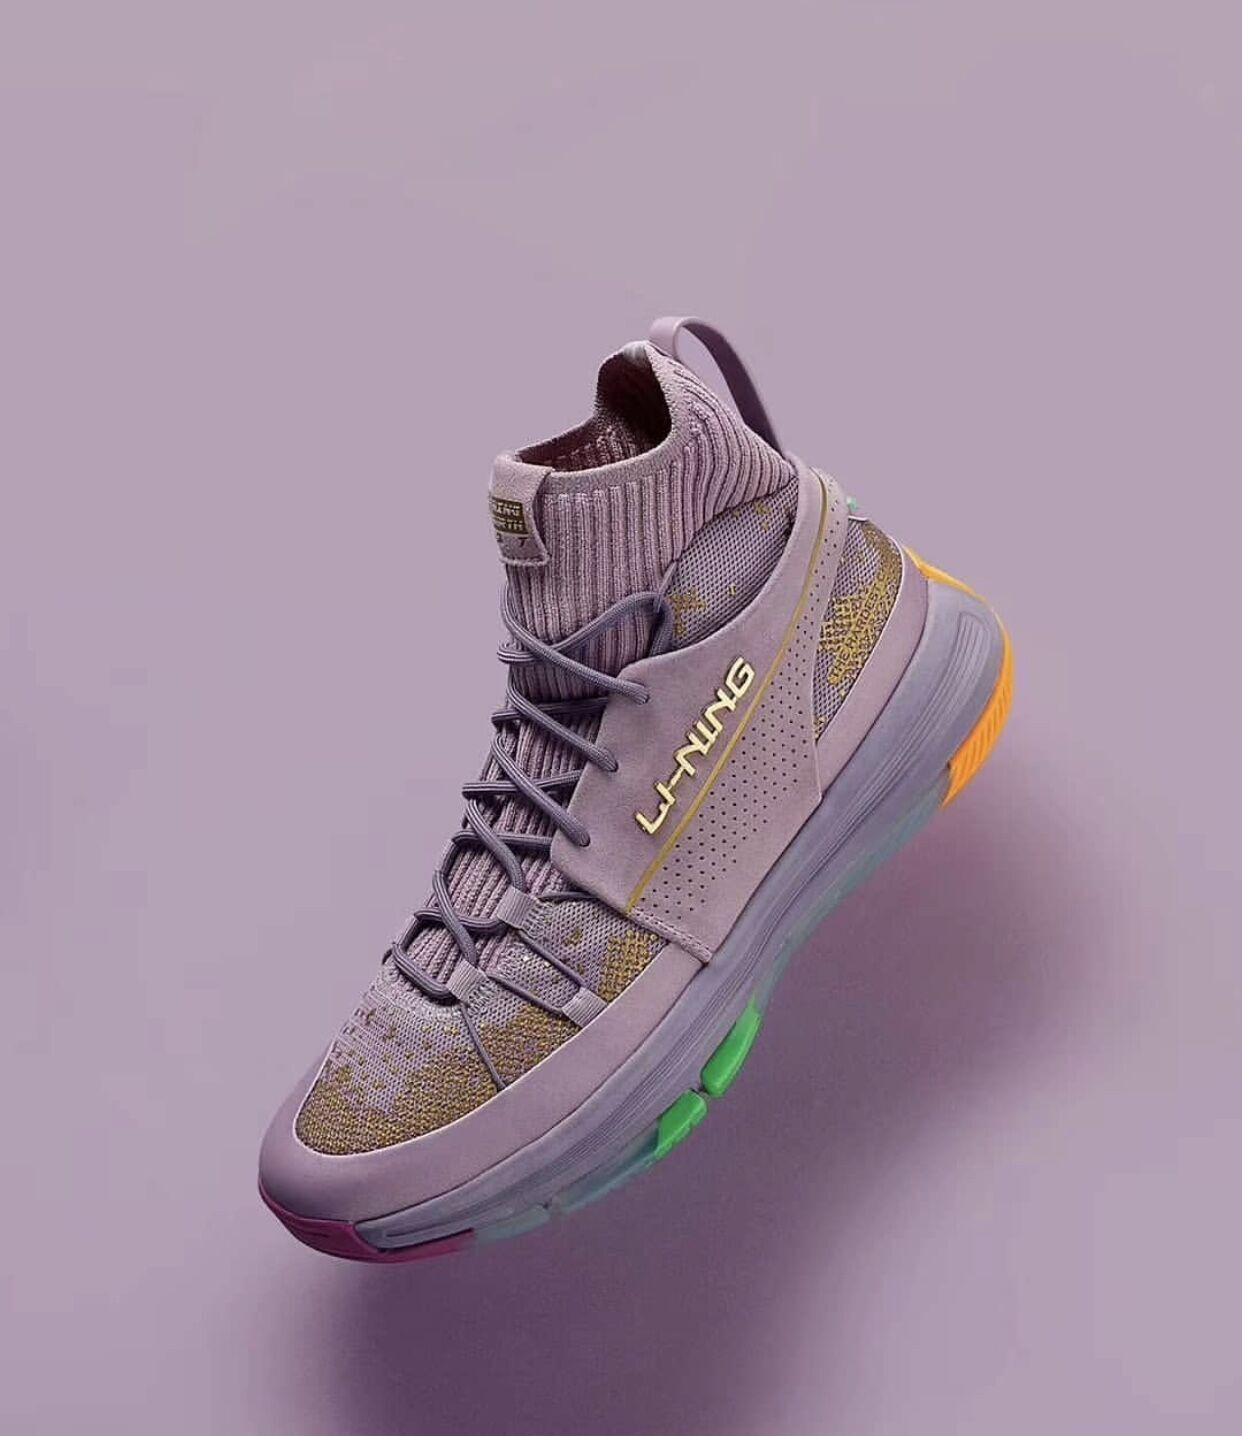 识货李宁937元年龙鳞灭霸联名高帮男子篮球文化鞋ABPP035 AGBQ027